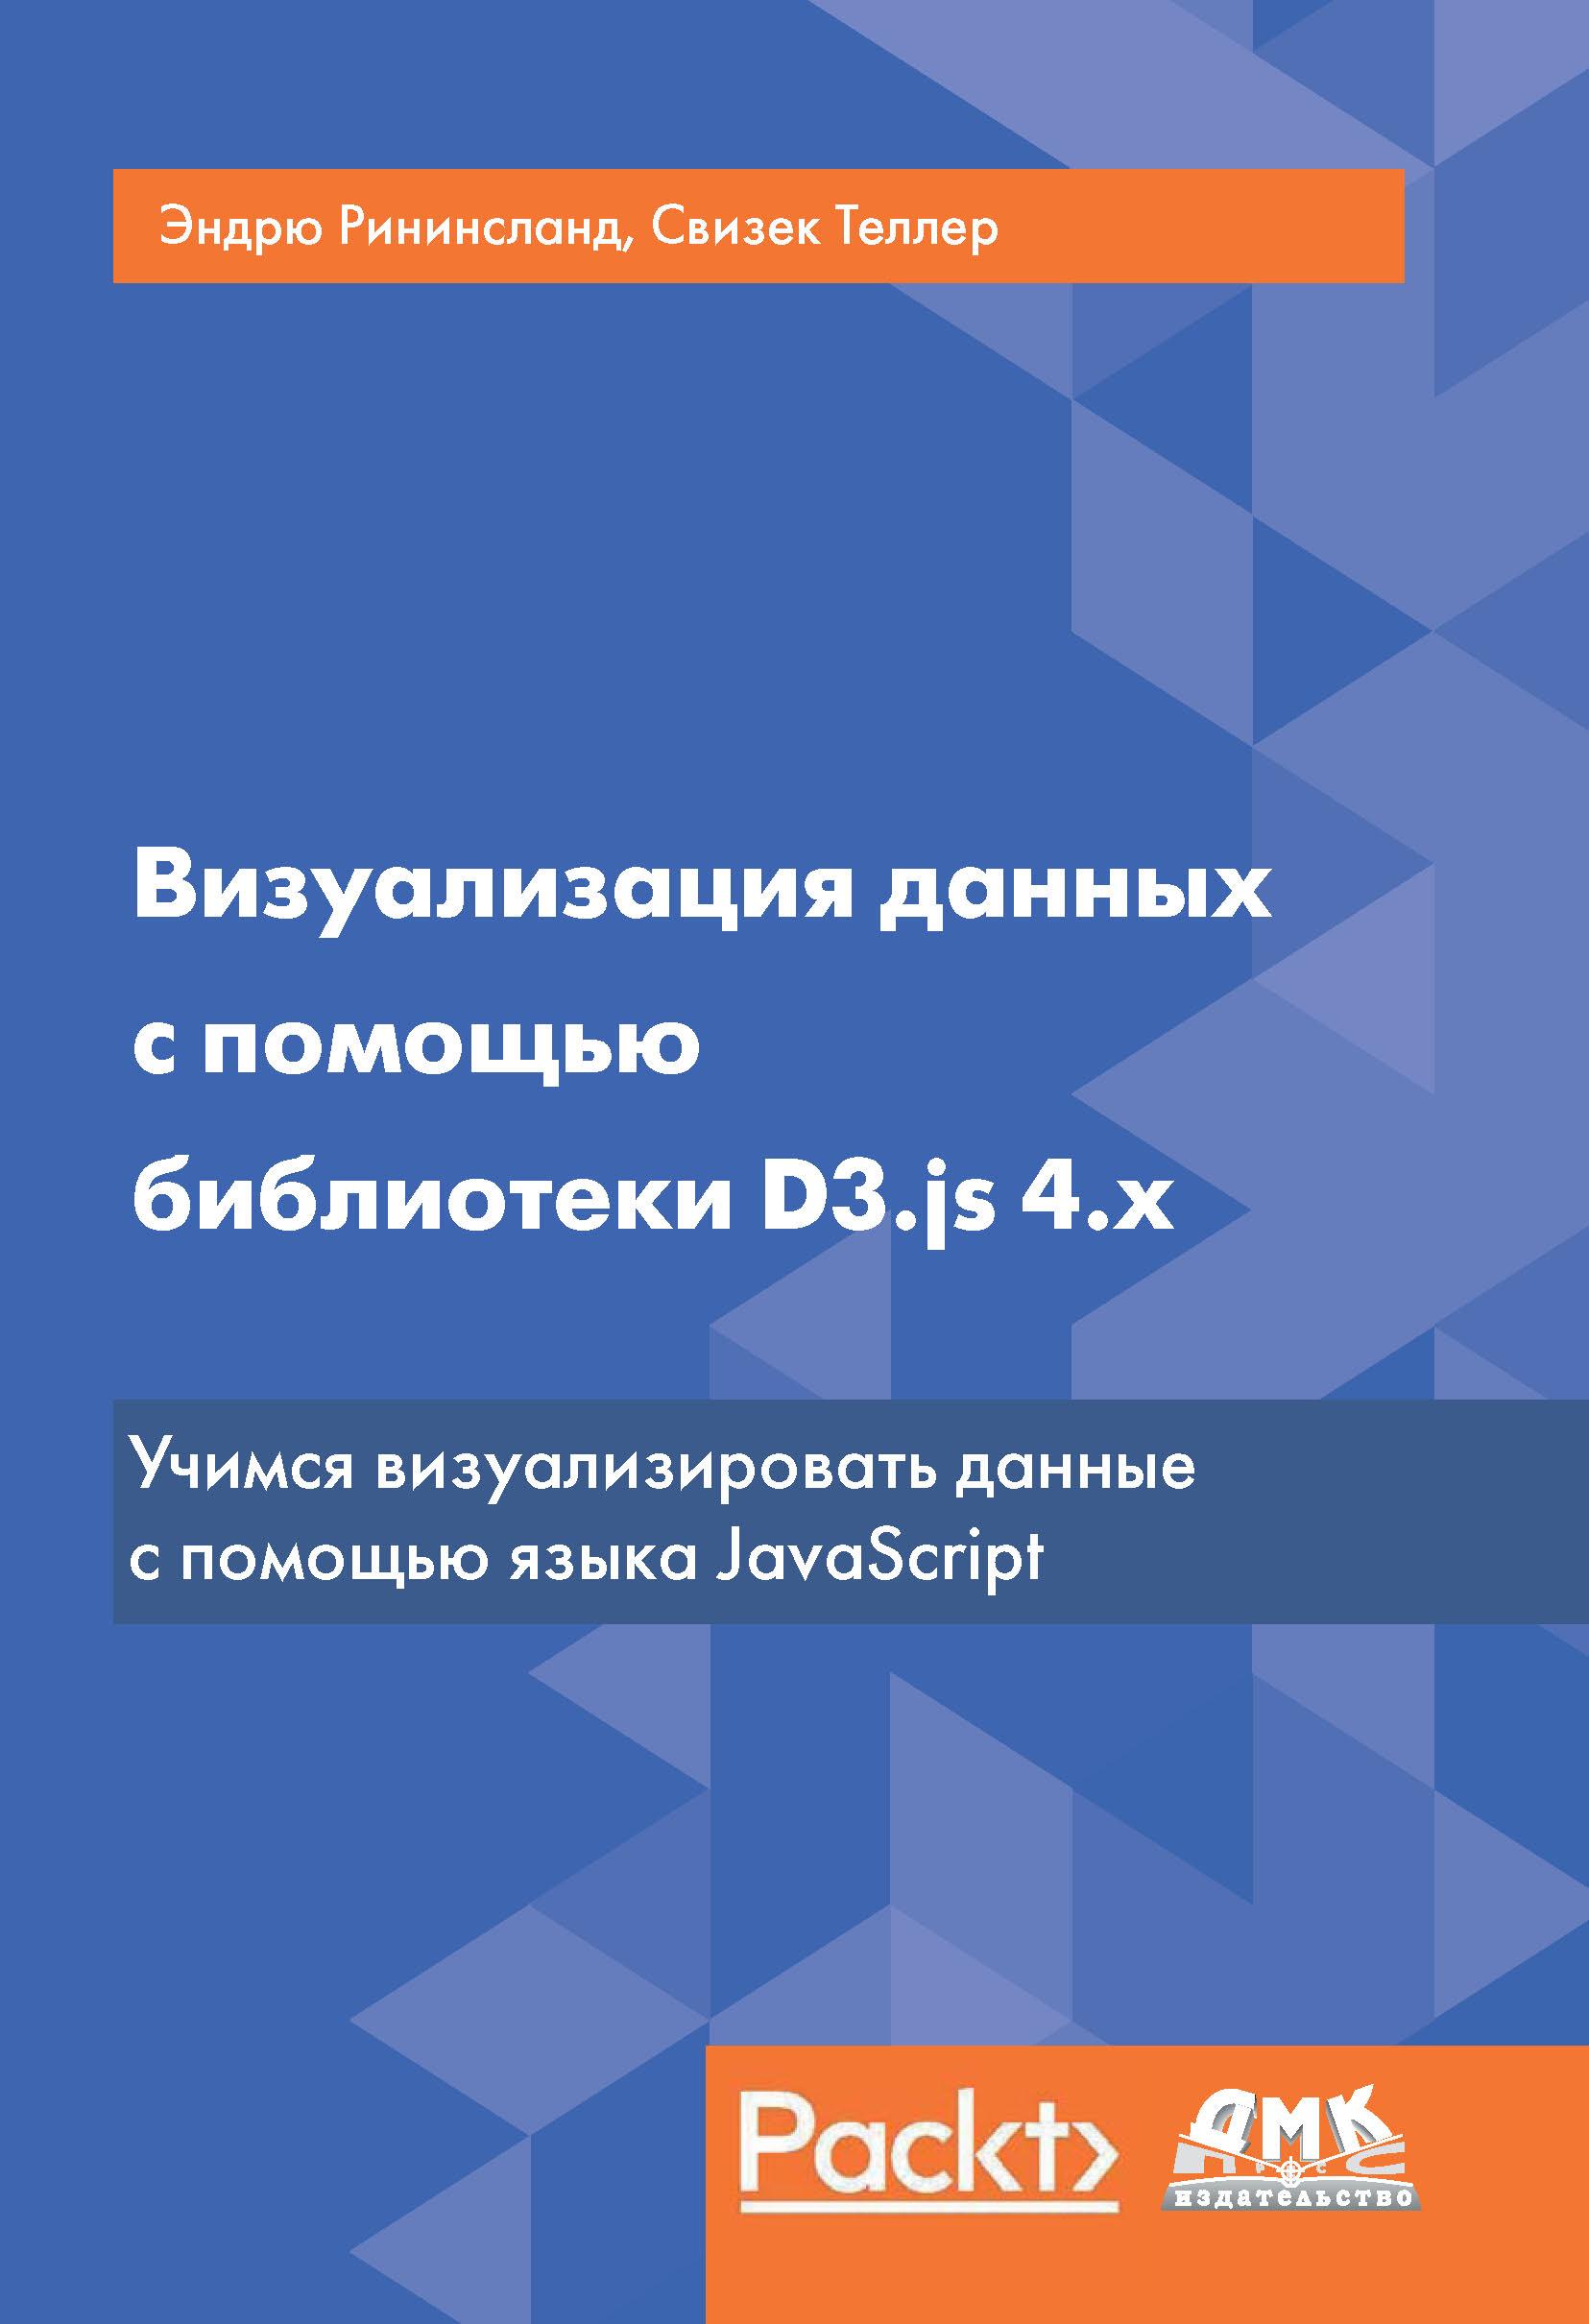 Свизек Теллер Визуализация данных с помощью библиотеки D3.js 4.x pablo navarro mastering d3 js